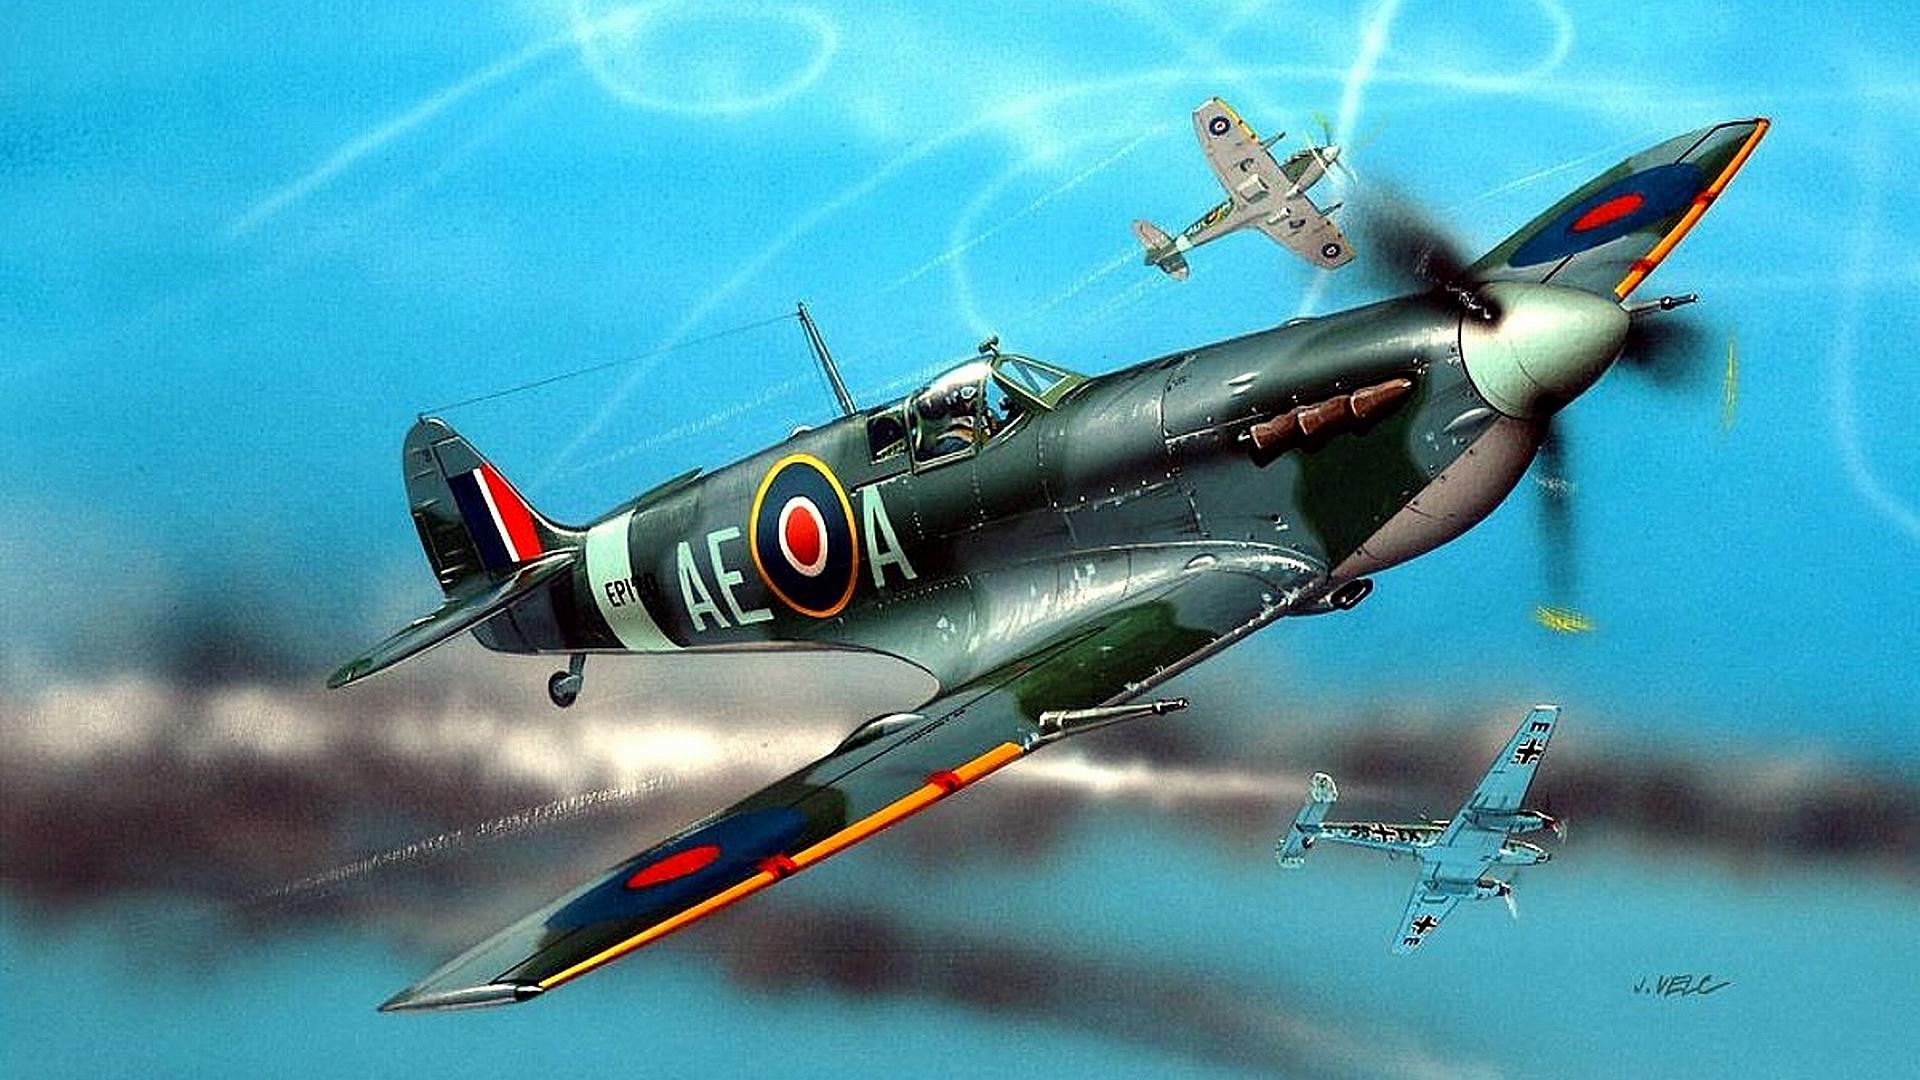 Spitfire Wallpapers Spitfire Aircraft Wallpaper HD Desktop 1920x1080